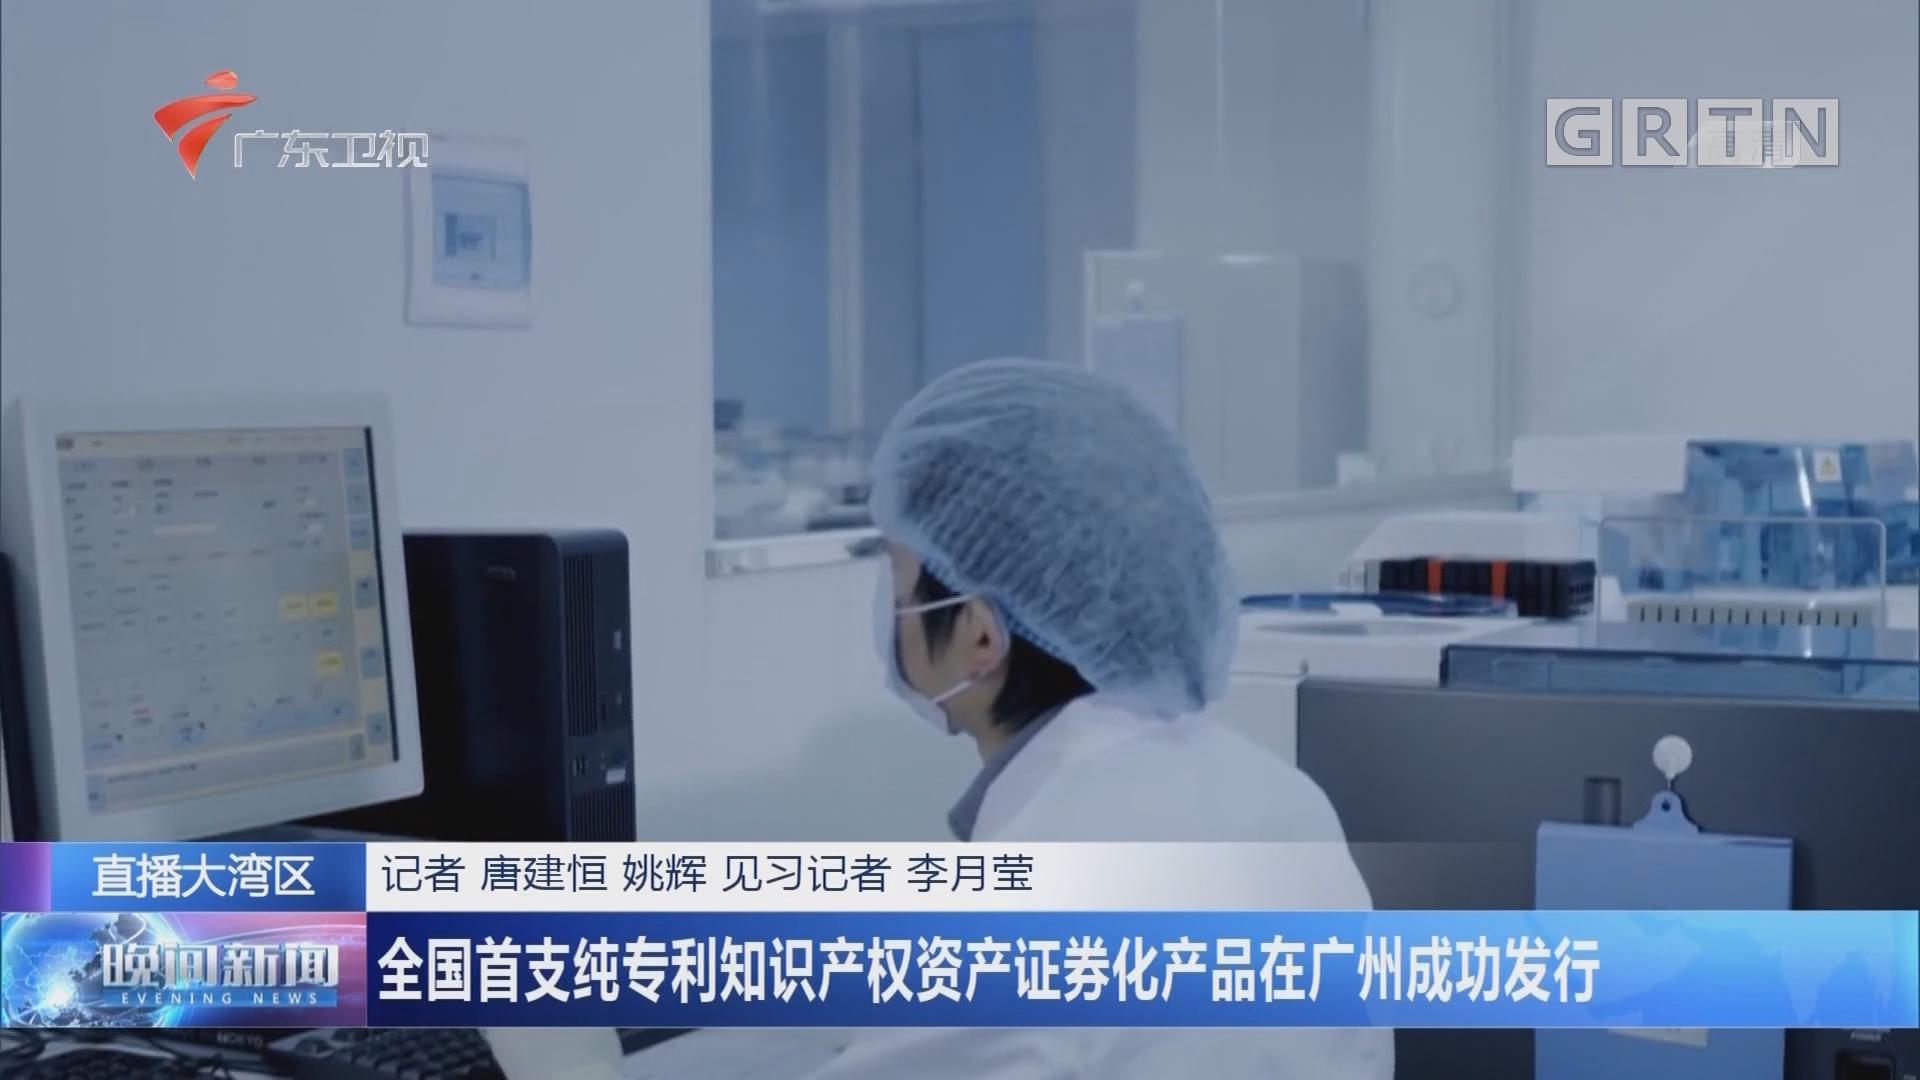 全国首支纯专利知识产权资产证券化产品在广州成功发行